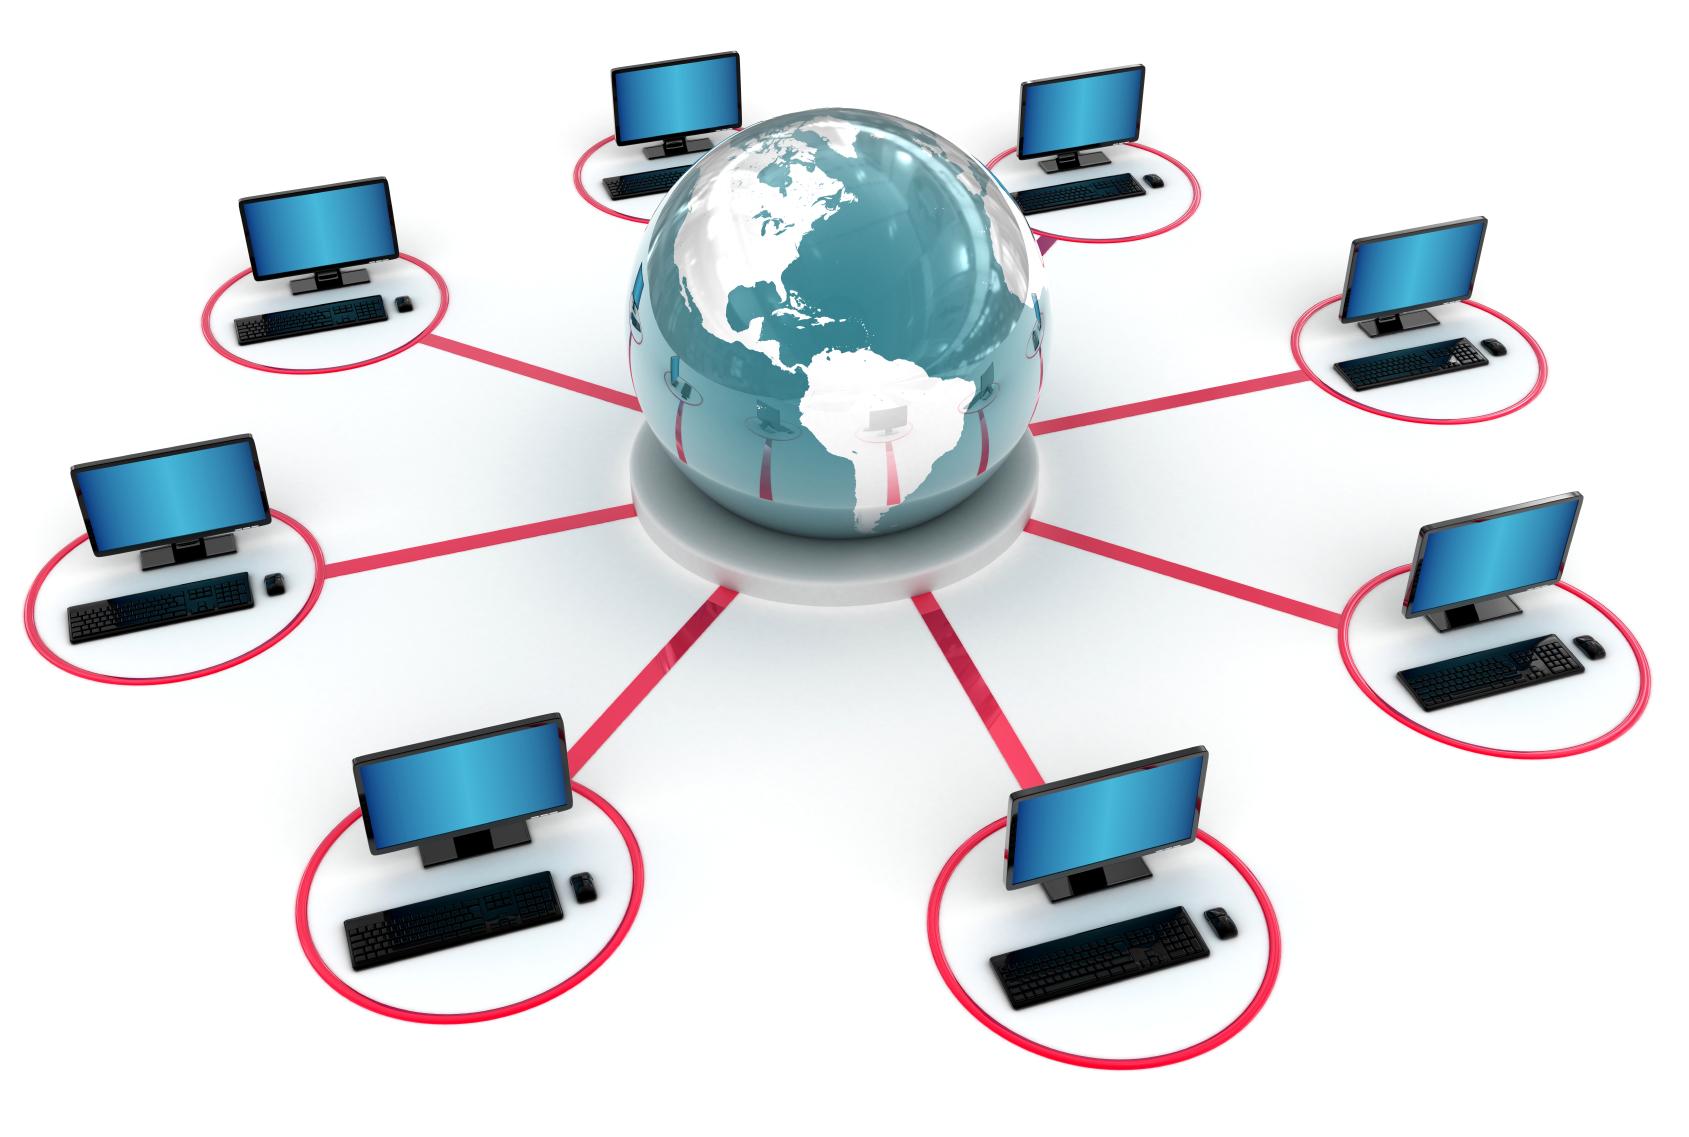 Prism Deploy für verteilte Installationen auch über das Internet ist bis zu 30-mal schneller als andere Lösungen